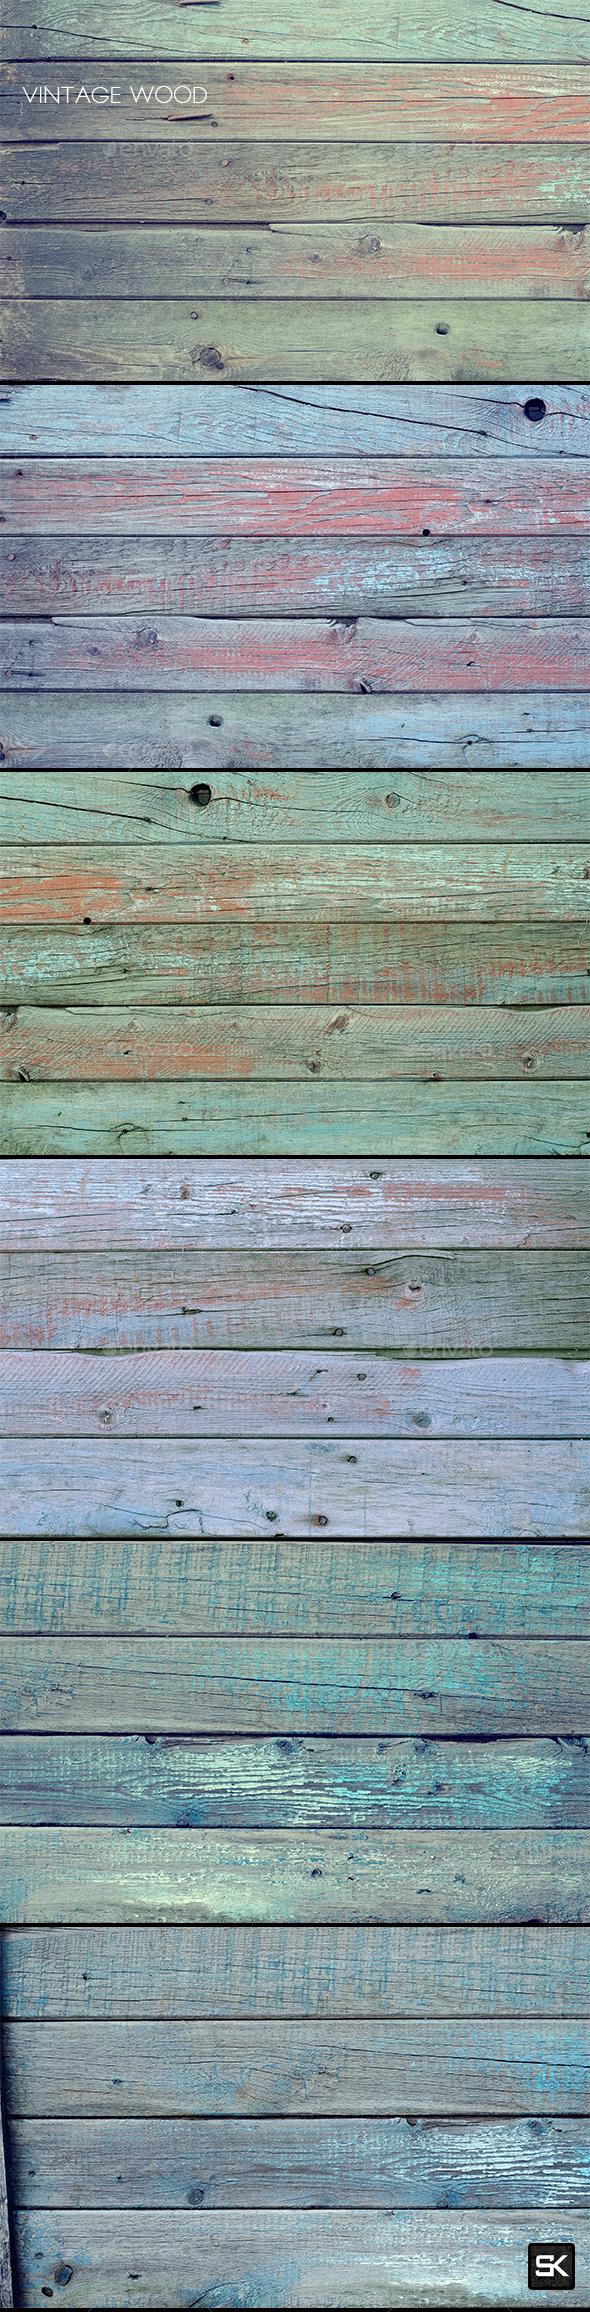 Vintage Wood.13 - Wood Textures